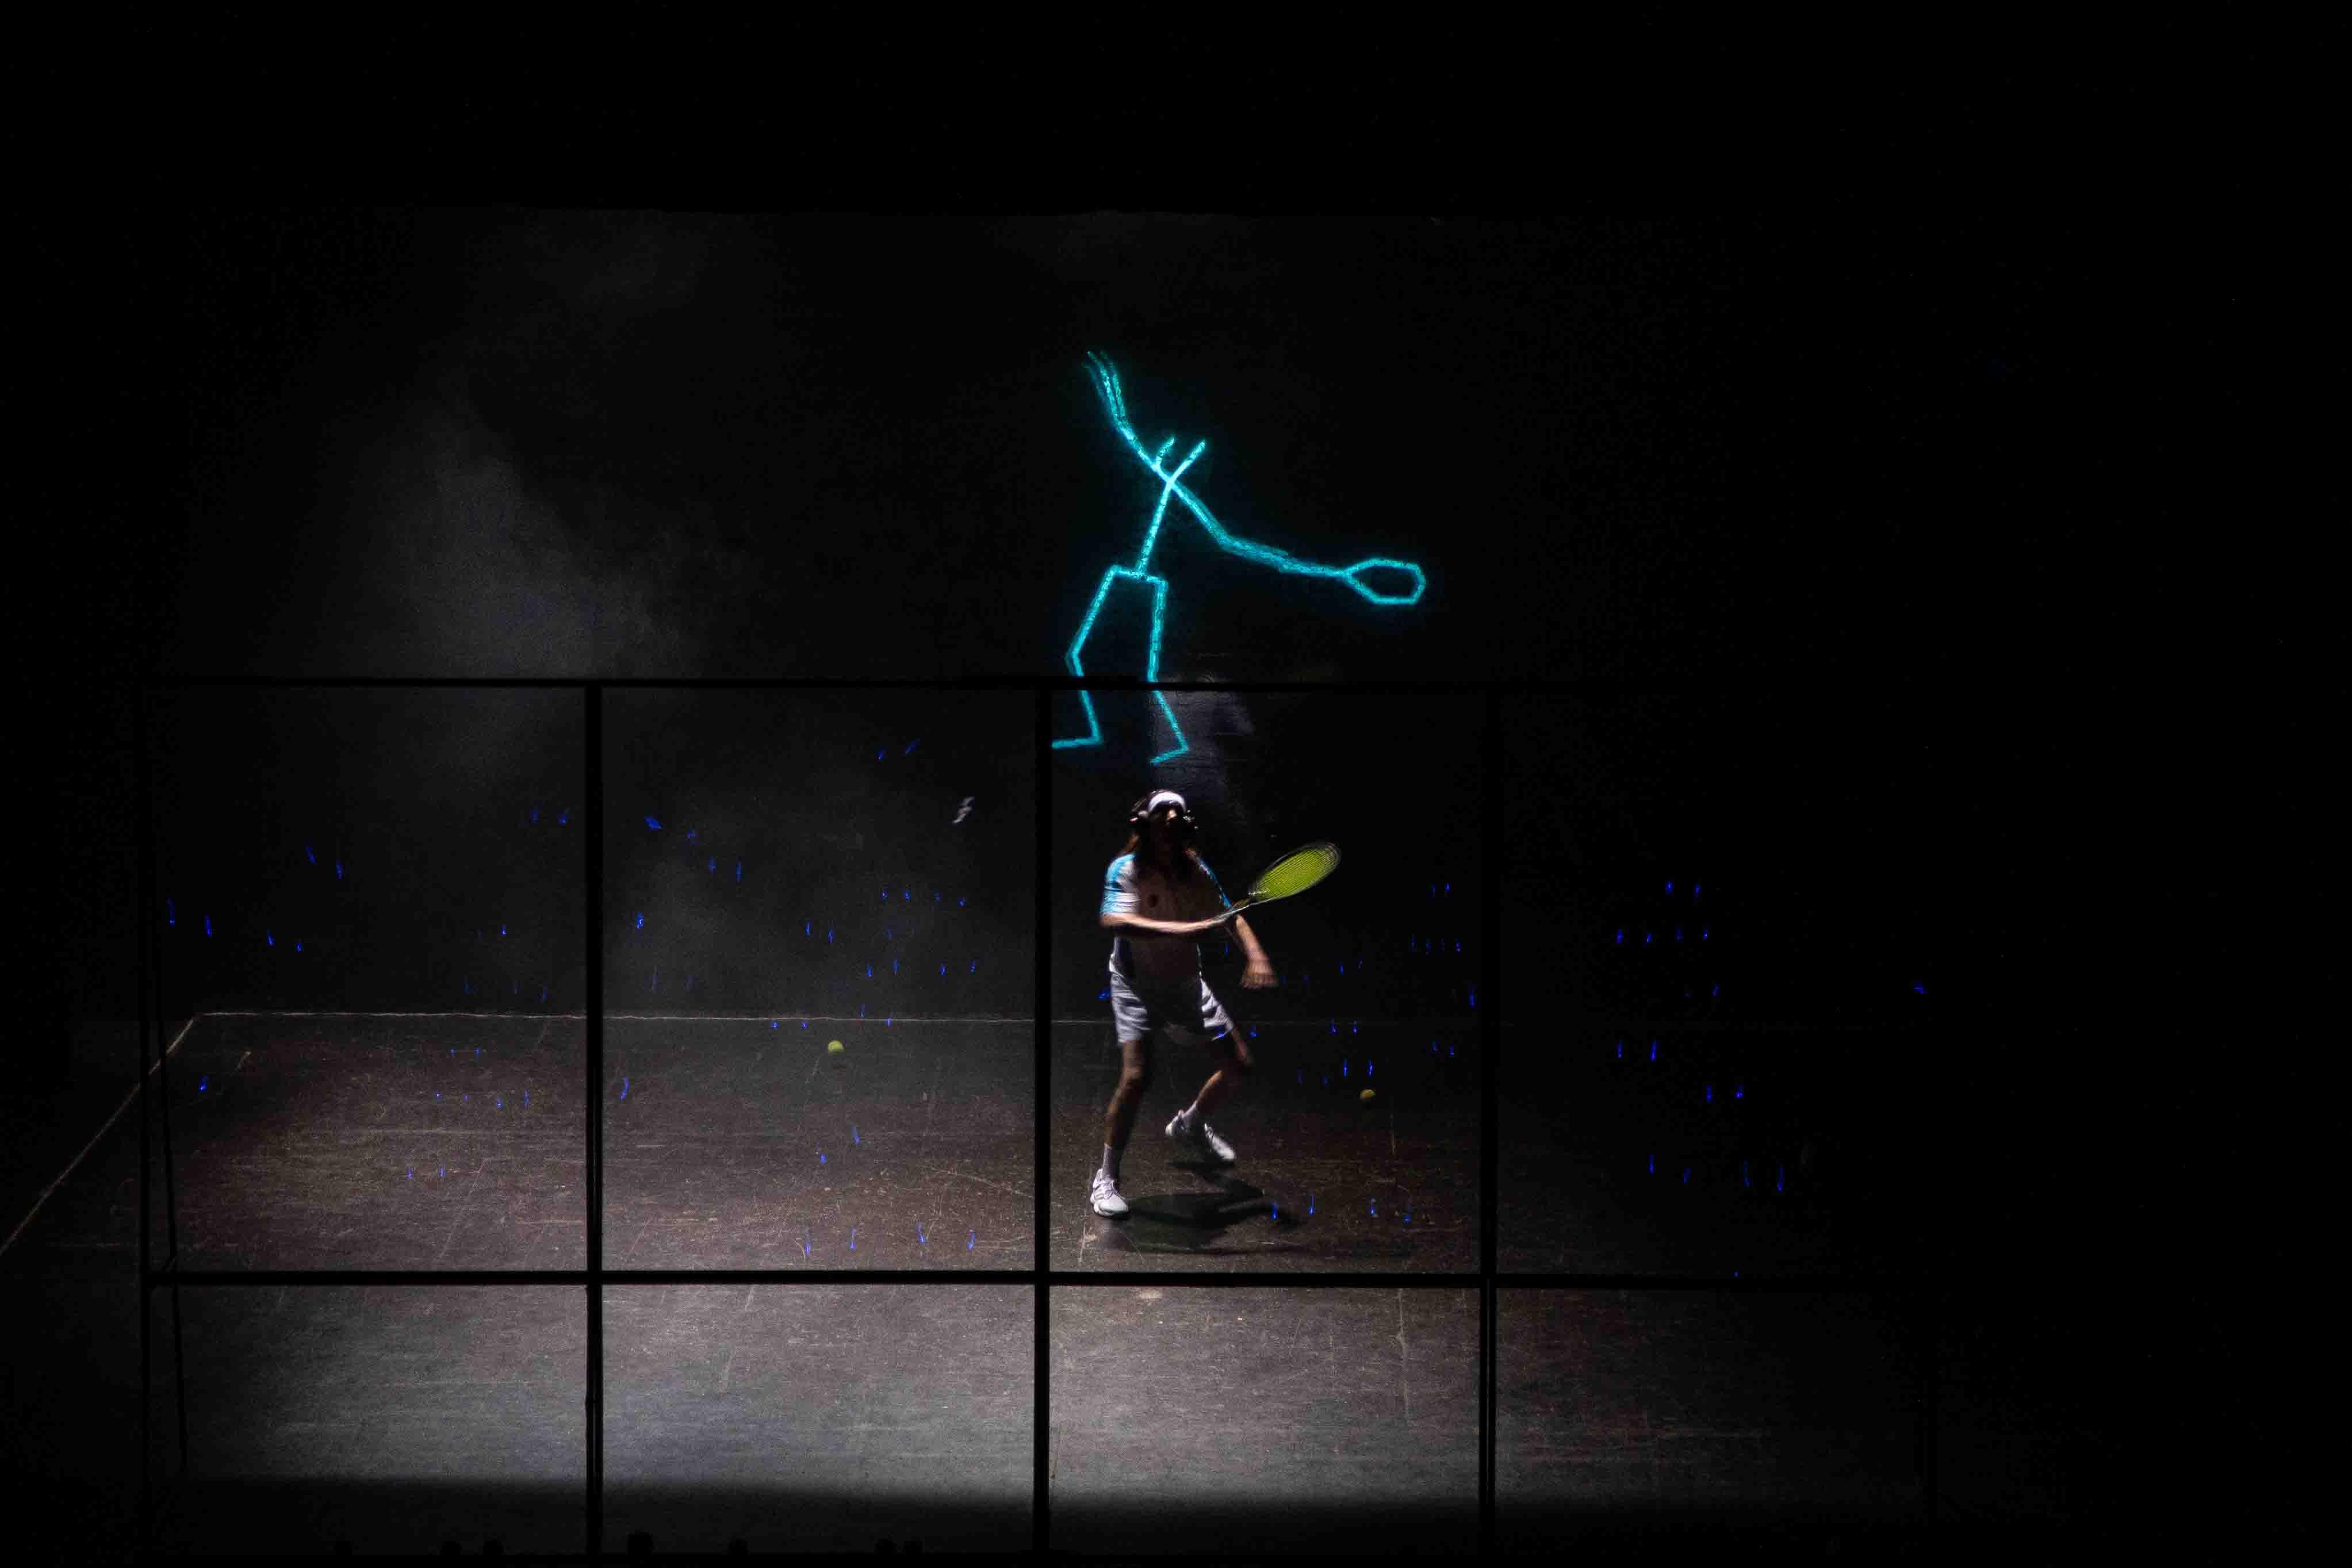 Tennis Foto di scena 36